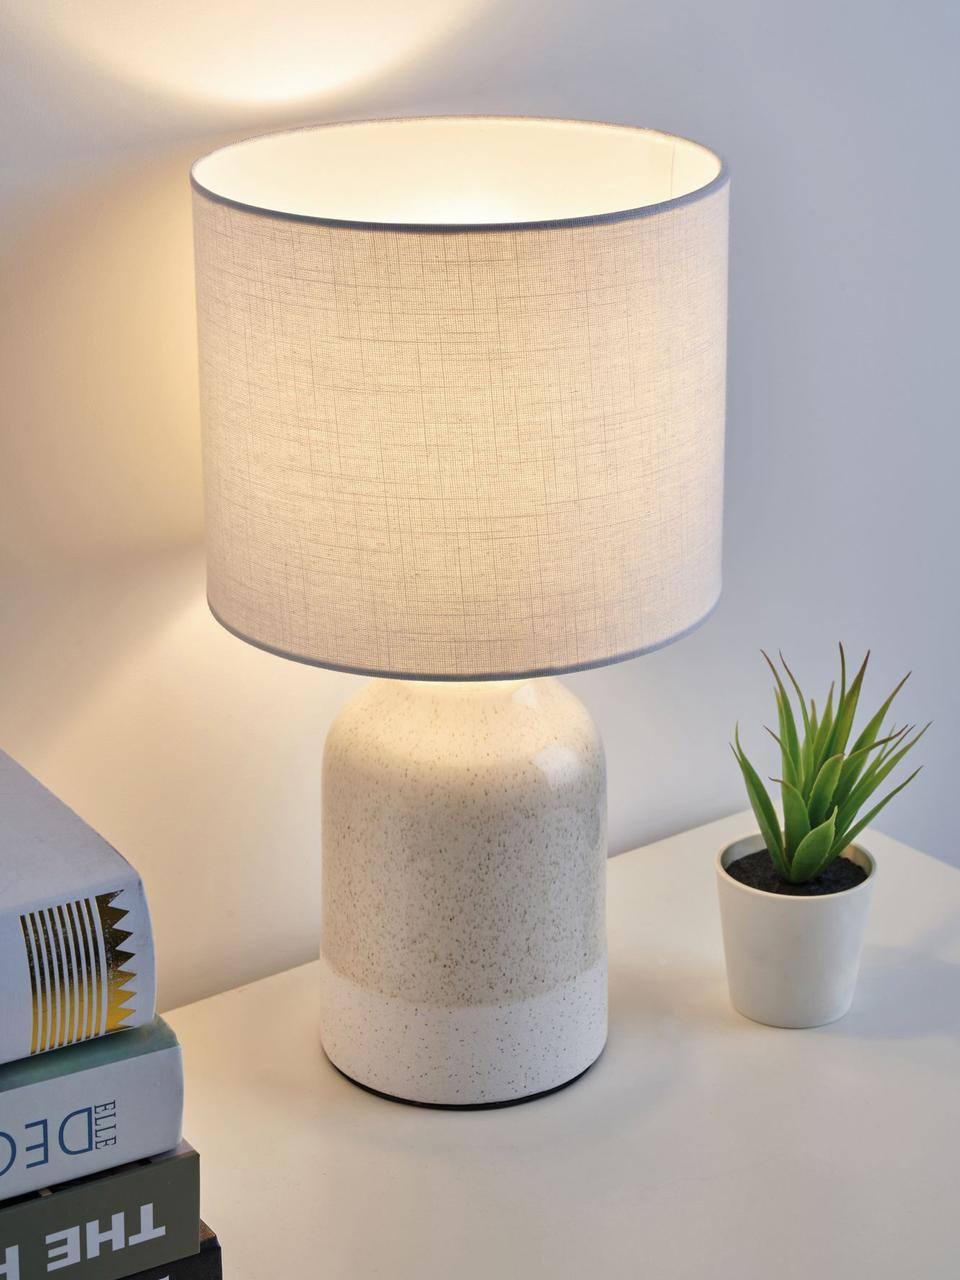 Kleine Tischlampe Luka aus Keramik, Lampenschirm: Leinen, Lampenfuß: Keramik, Beige, Weiß, Ø 18 x H 33 cm